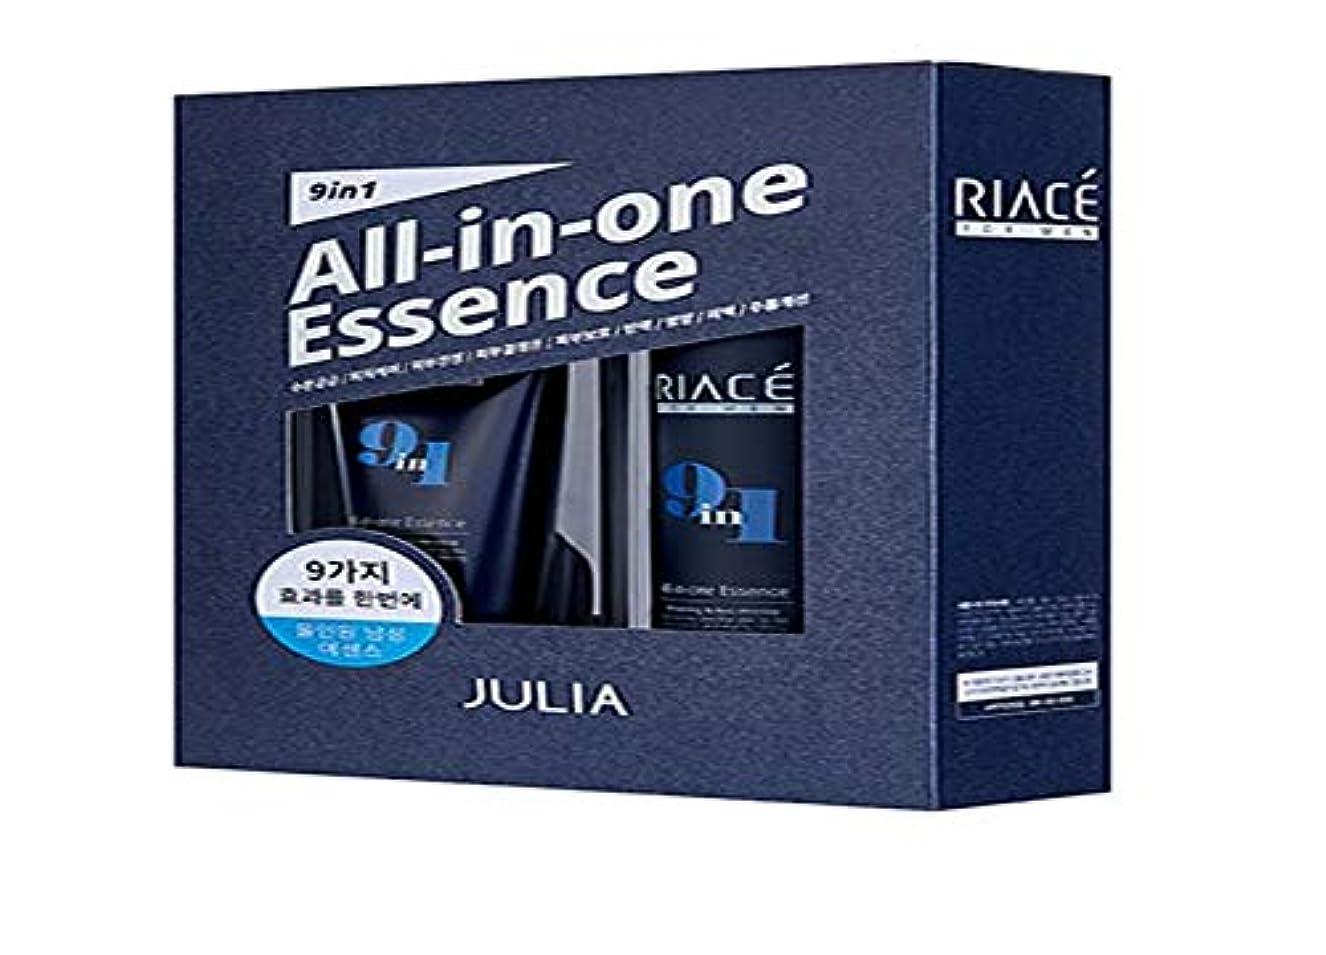 乳協会後退するKorean Cosmetics Julia RIACE For men All-in-one Essence Perfection (Toner + Emulsion + Essence) 韓国化粧品ジュリア 男性用オールインワンエッセンスパーフェクトパーフェクト...